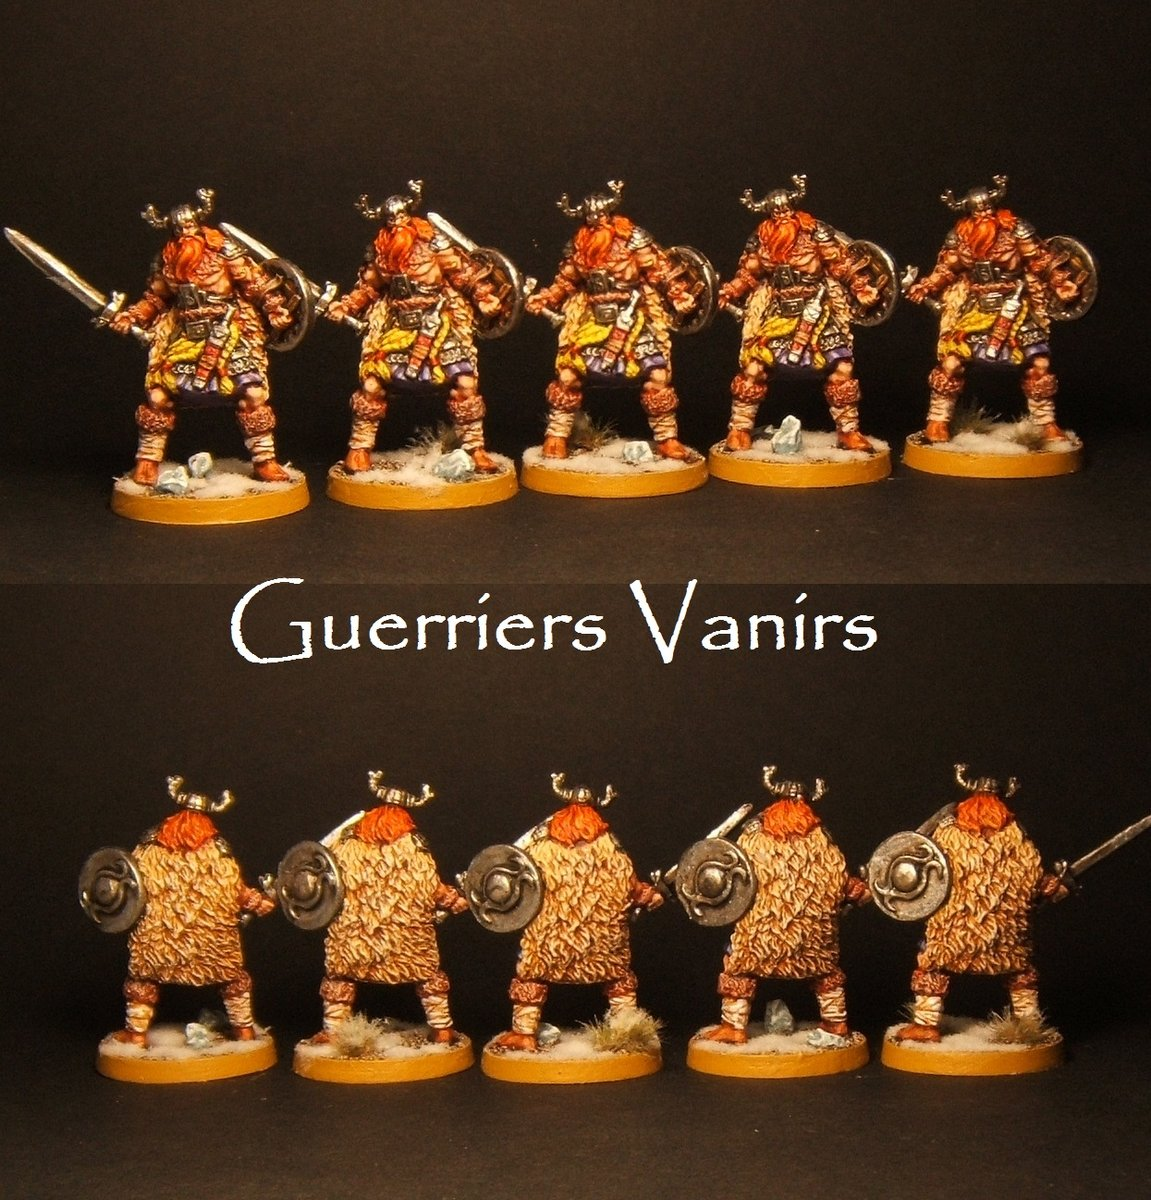 large.GuerriersVanirs.jpg.e41c53ea792e59bd61bdf9ac62a45e0d.jpg